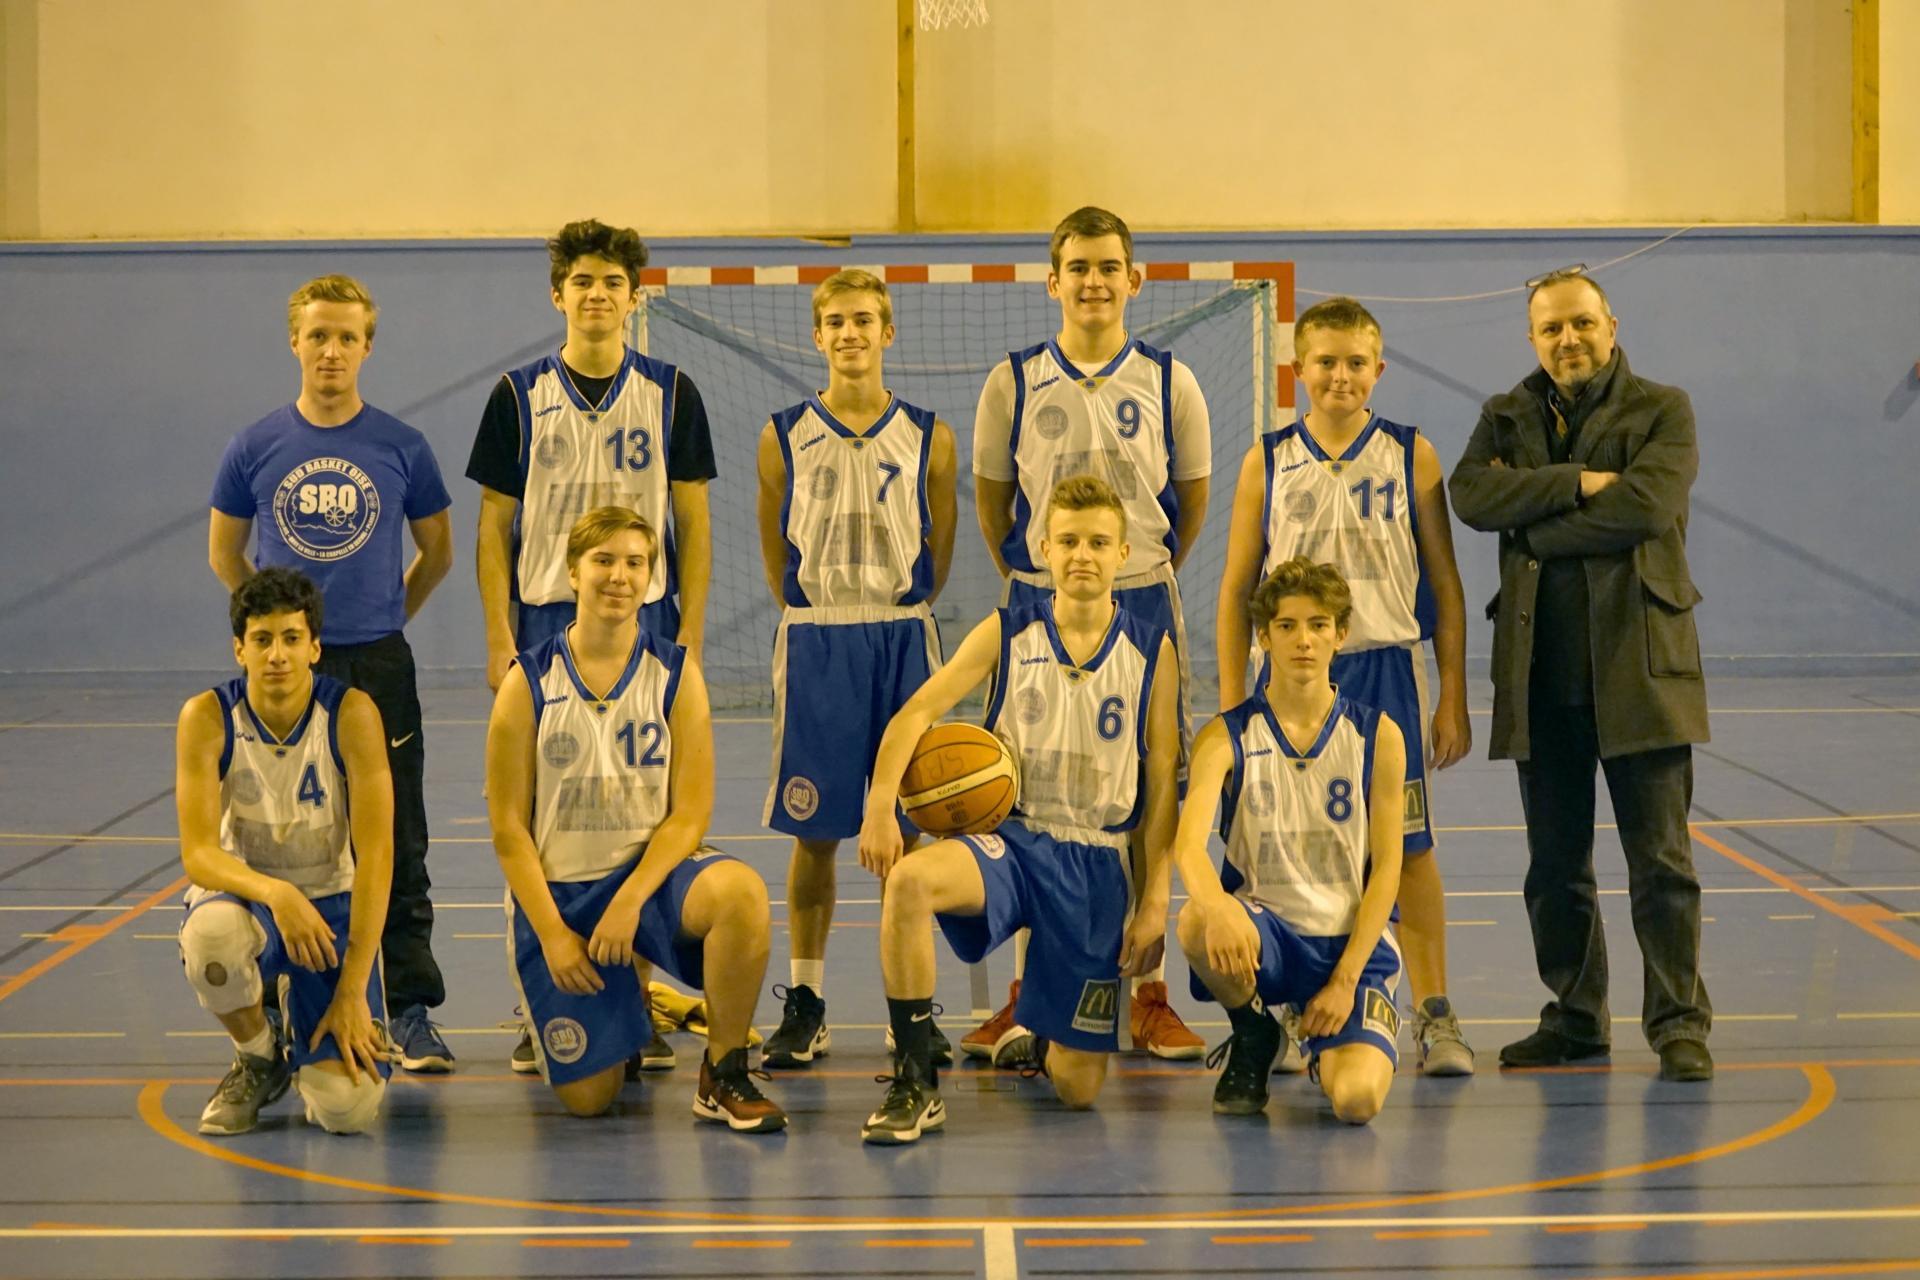 U17 Sud Basket Oise